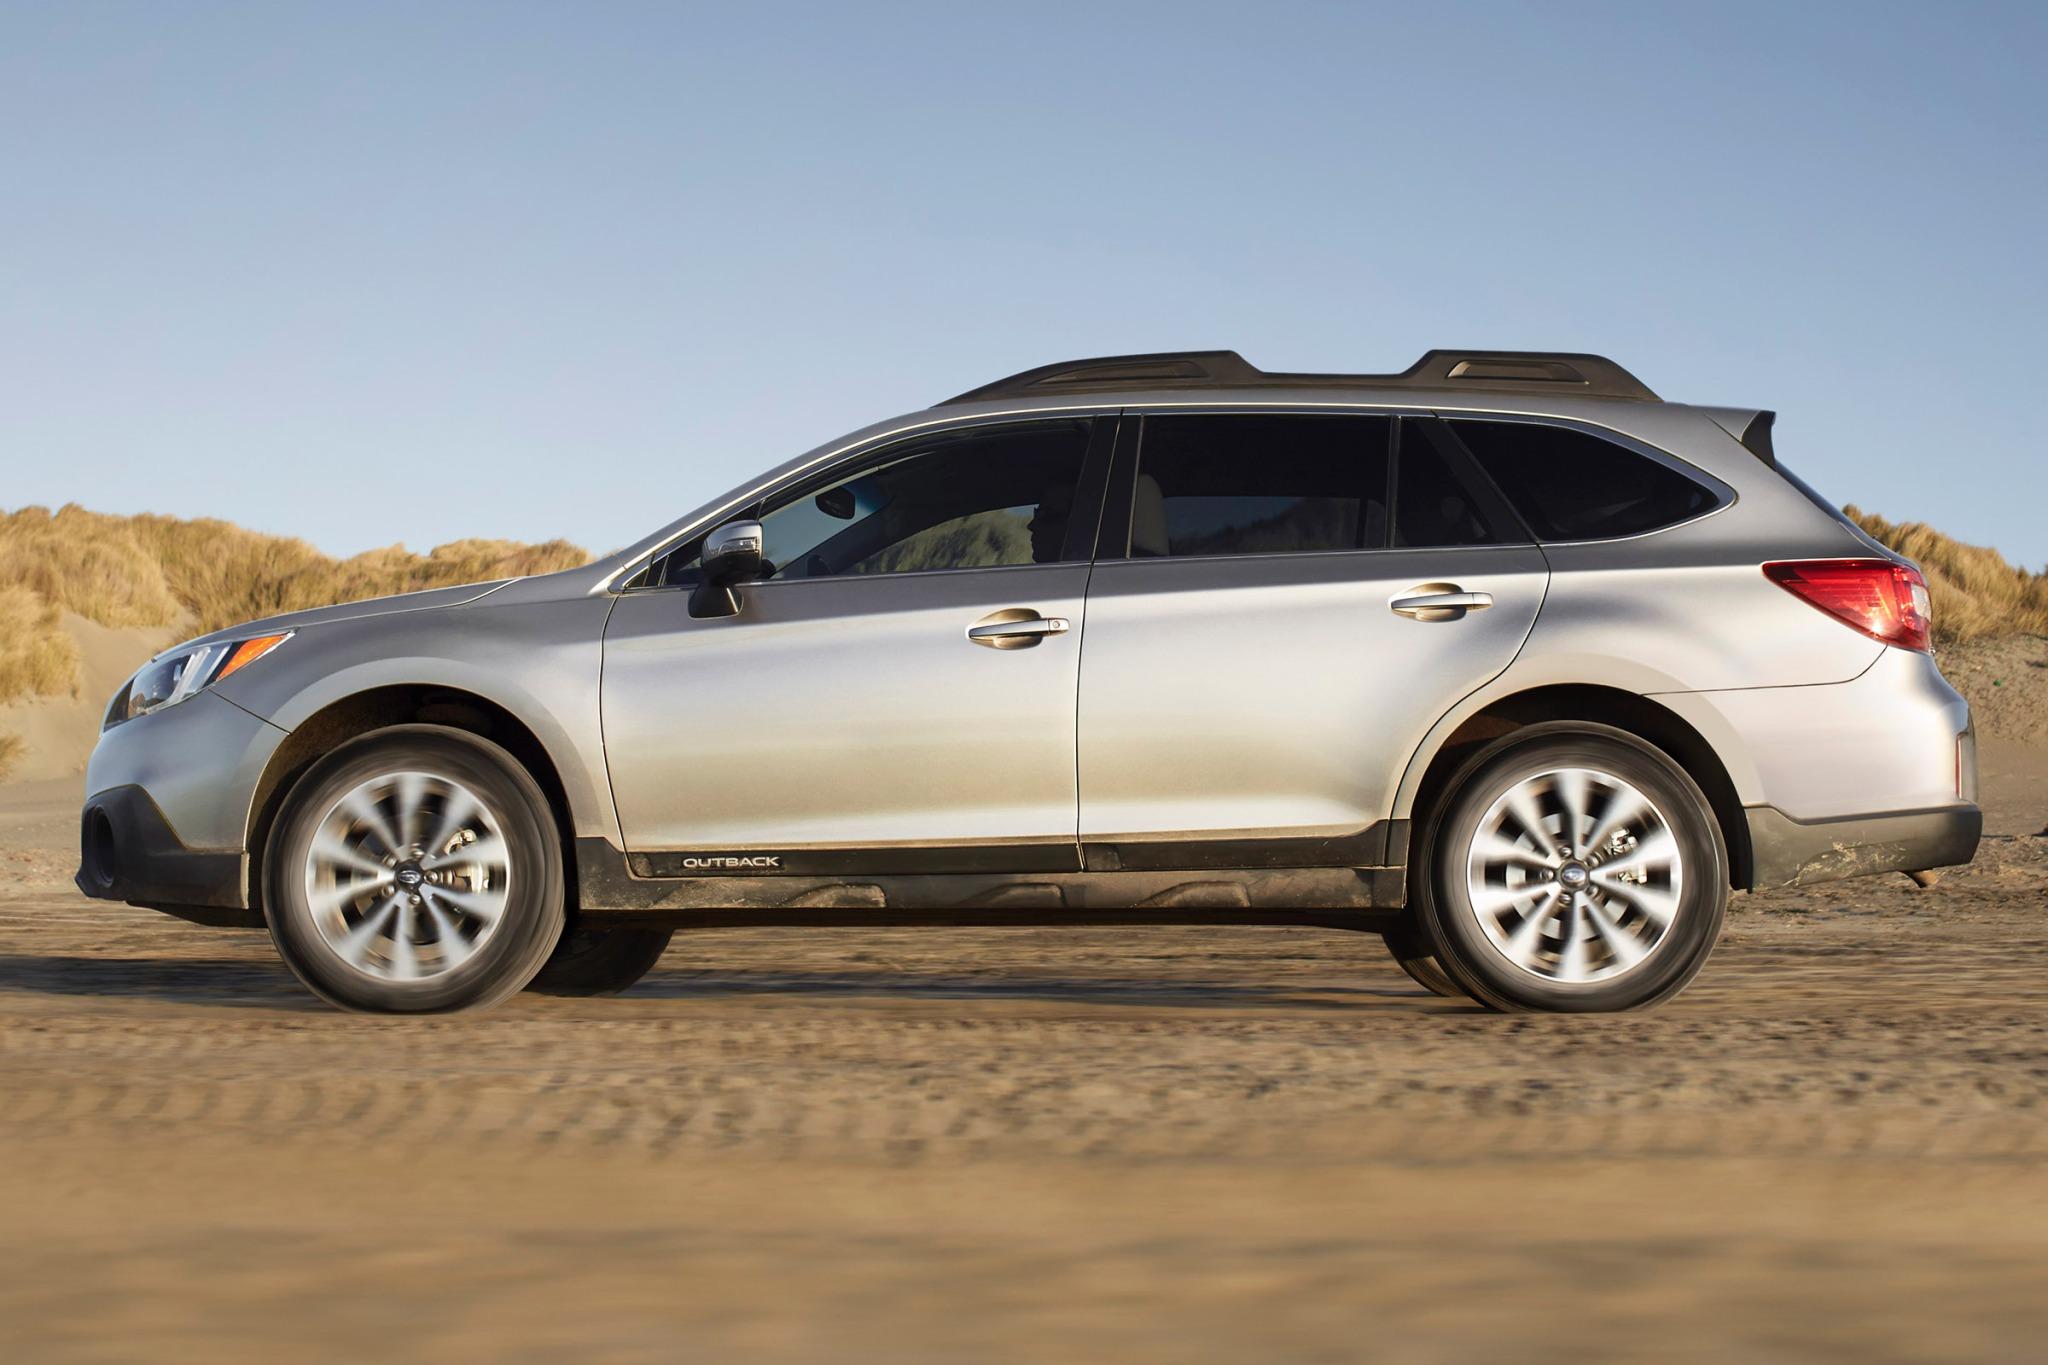 2015 Subaru Outback Image 5